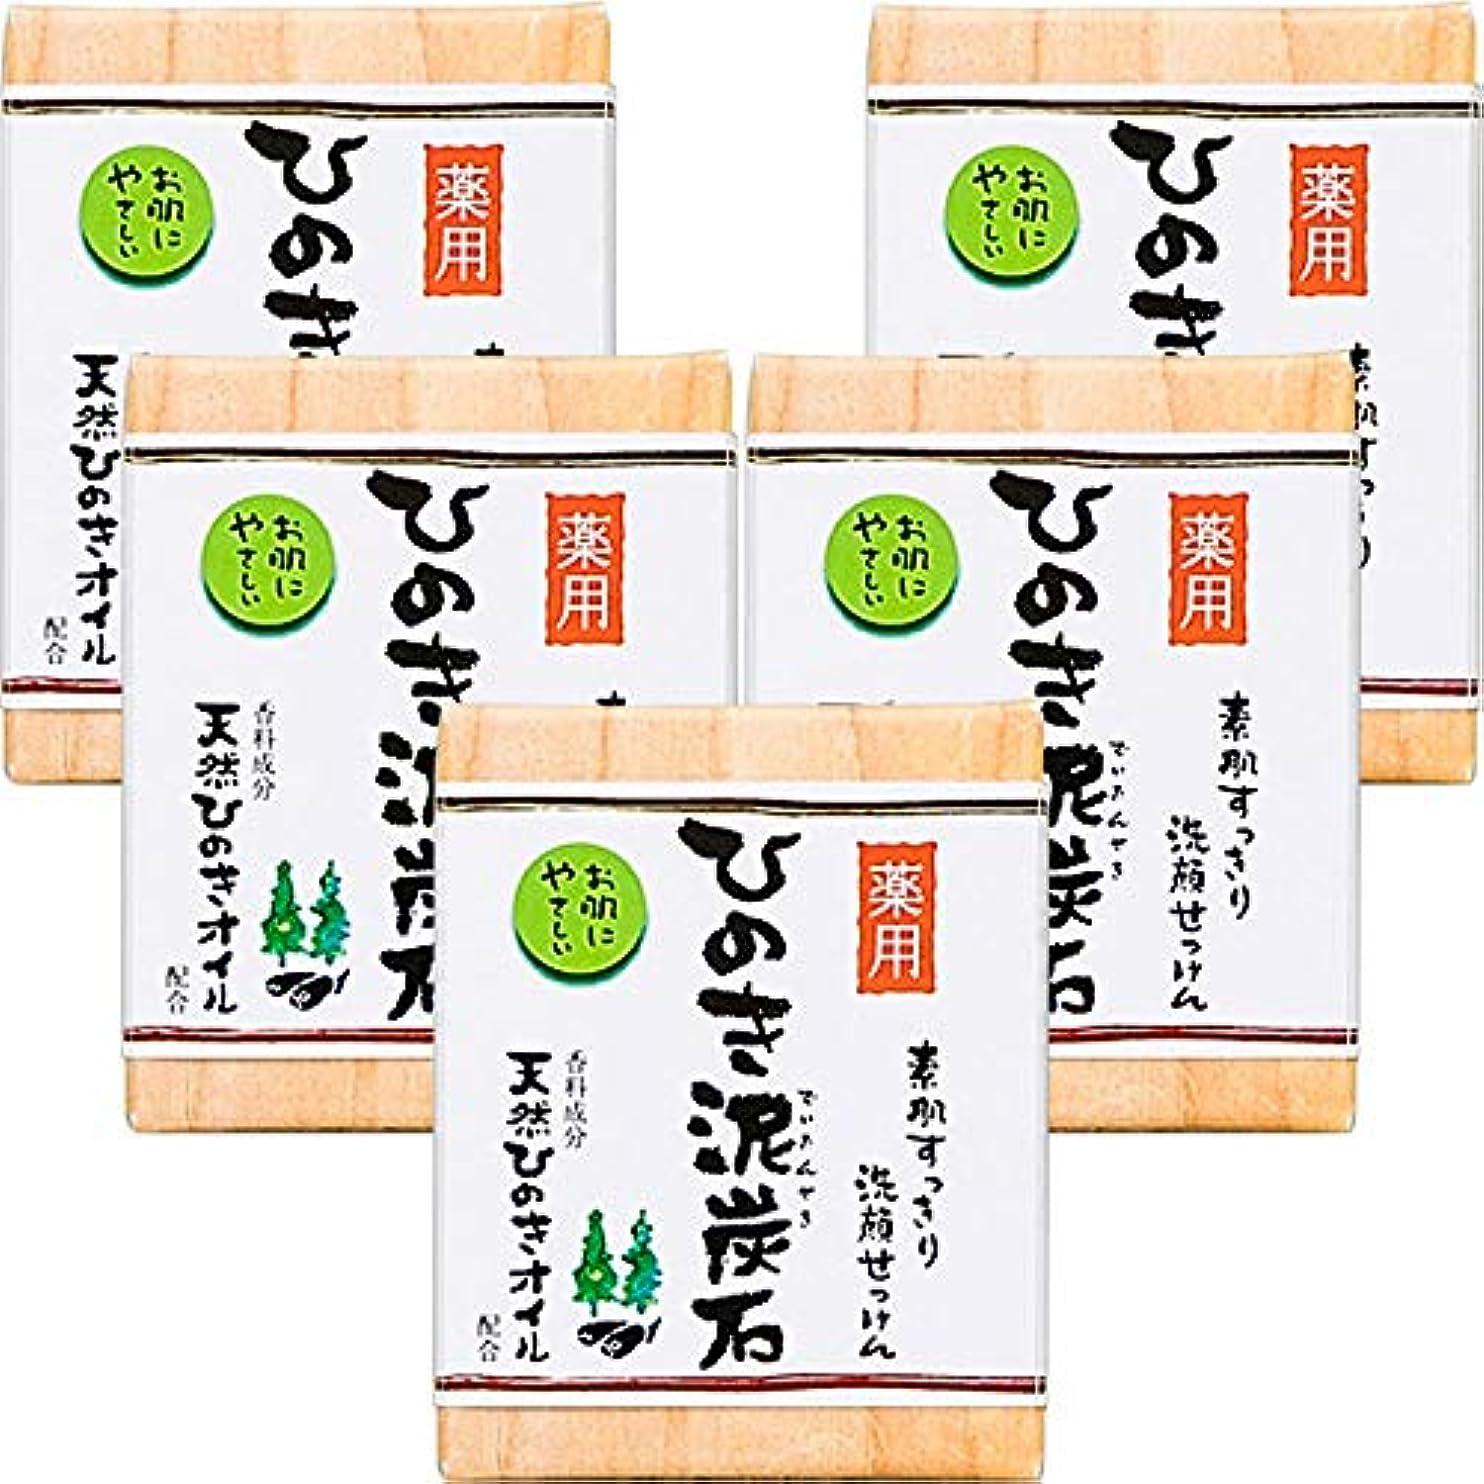 加速するリスク薬用 ひのき泥炭石 (75g×5個) 洗顔 石けん [天然ひのきオイル配合] 肌荒れ防止